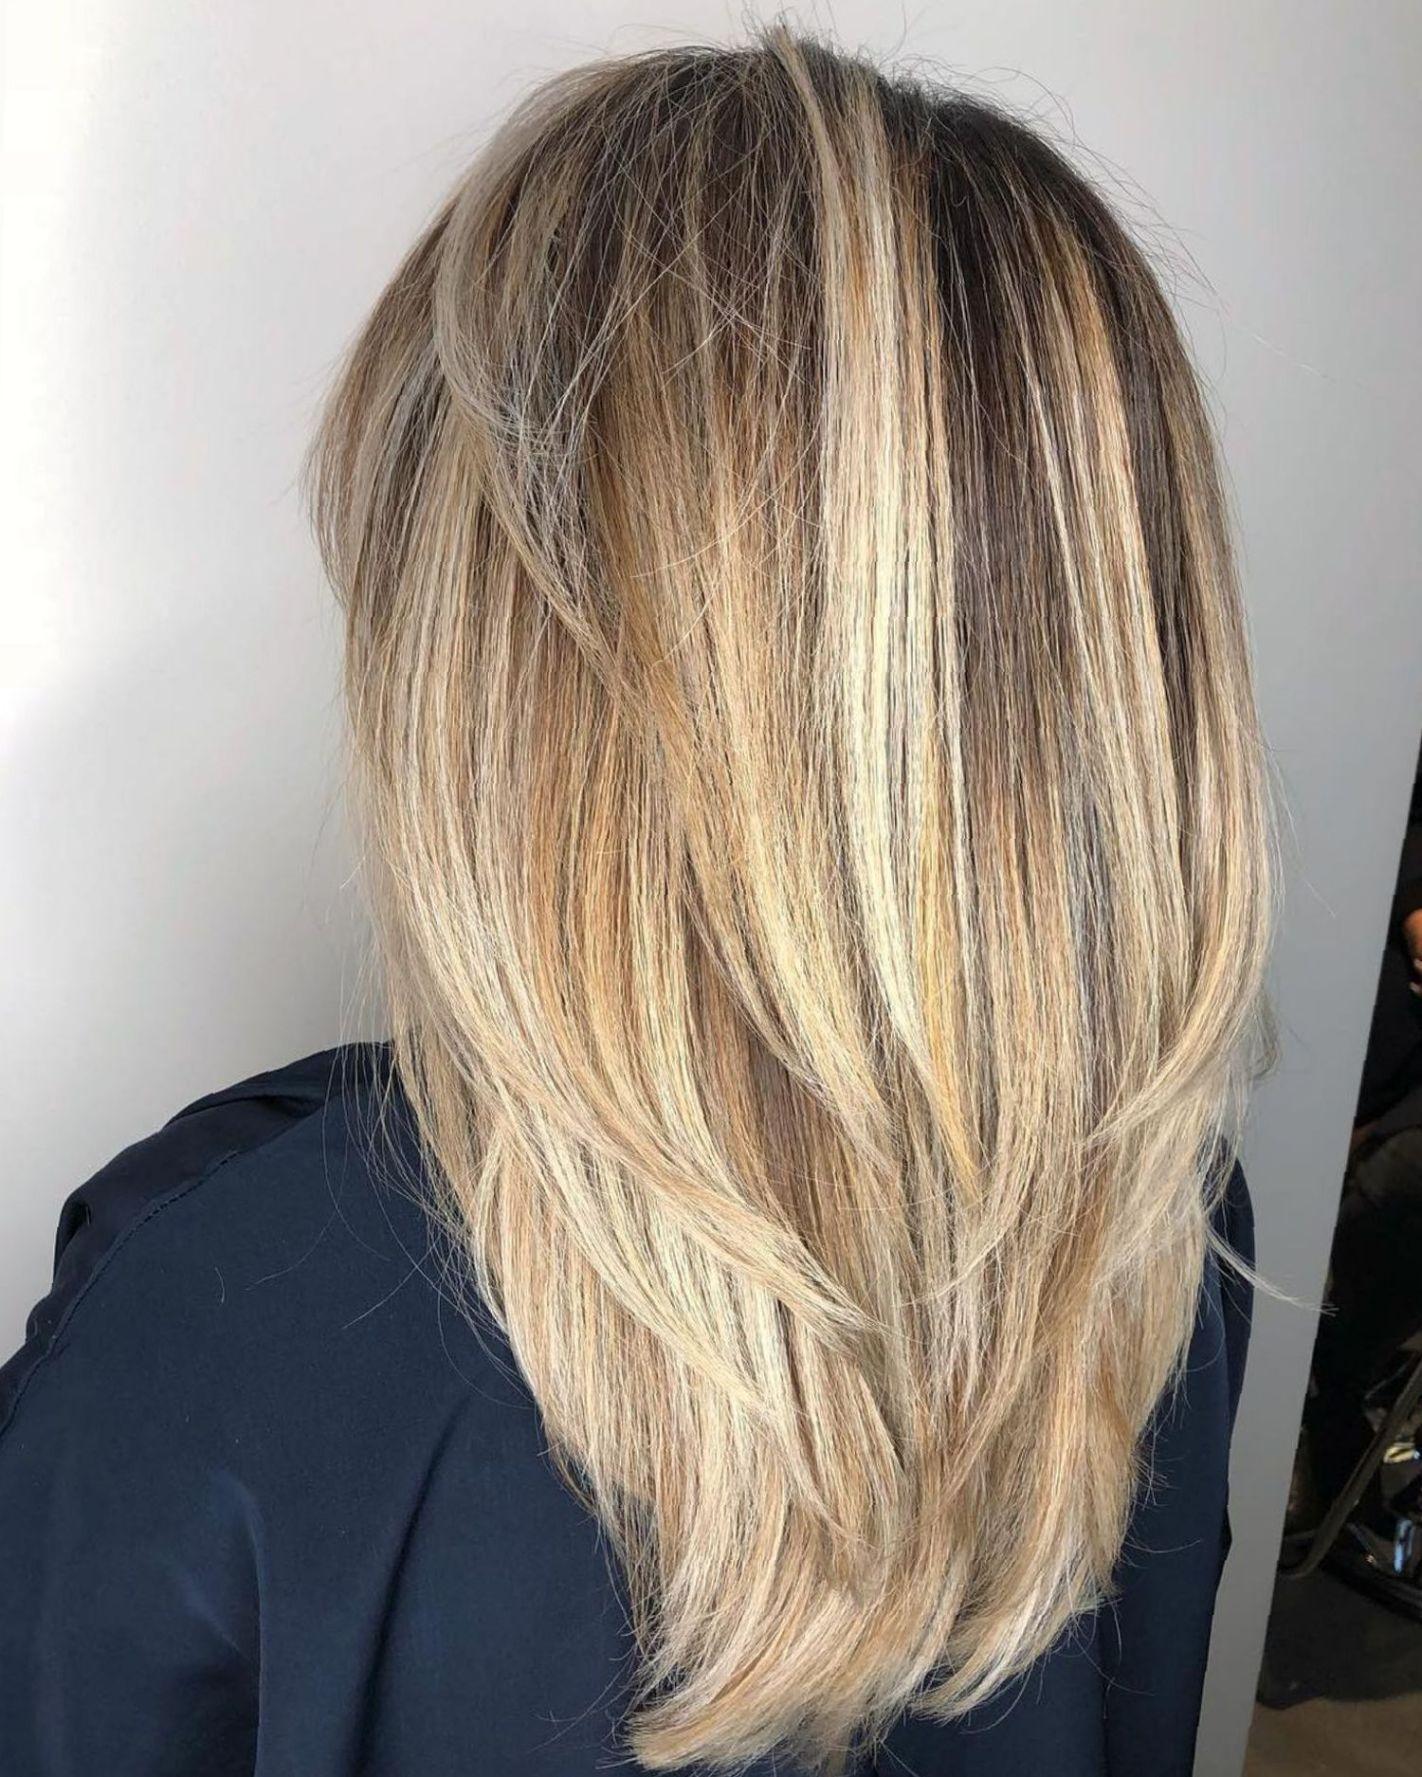 Pin On Straight Hair Ideas